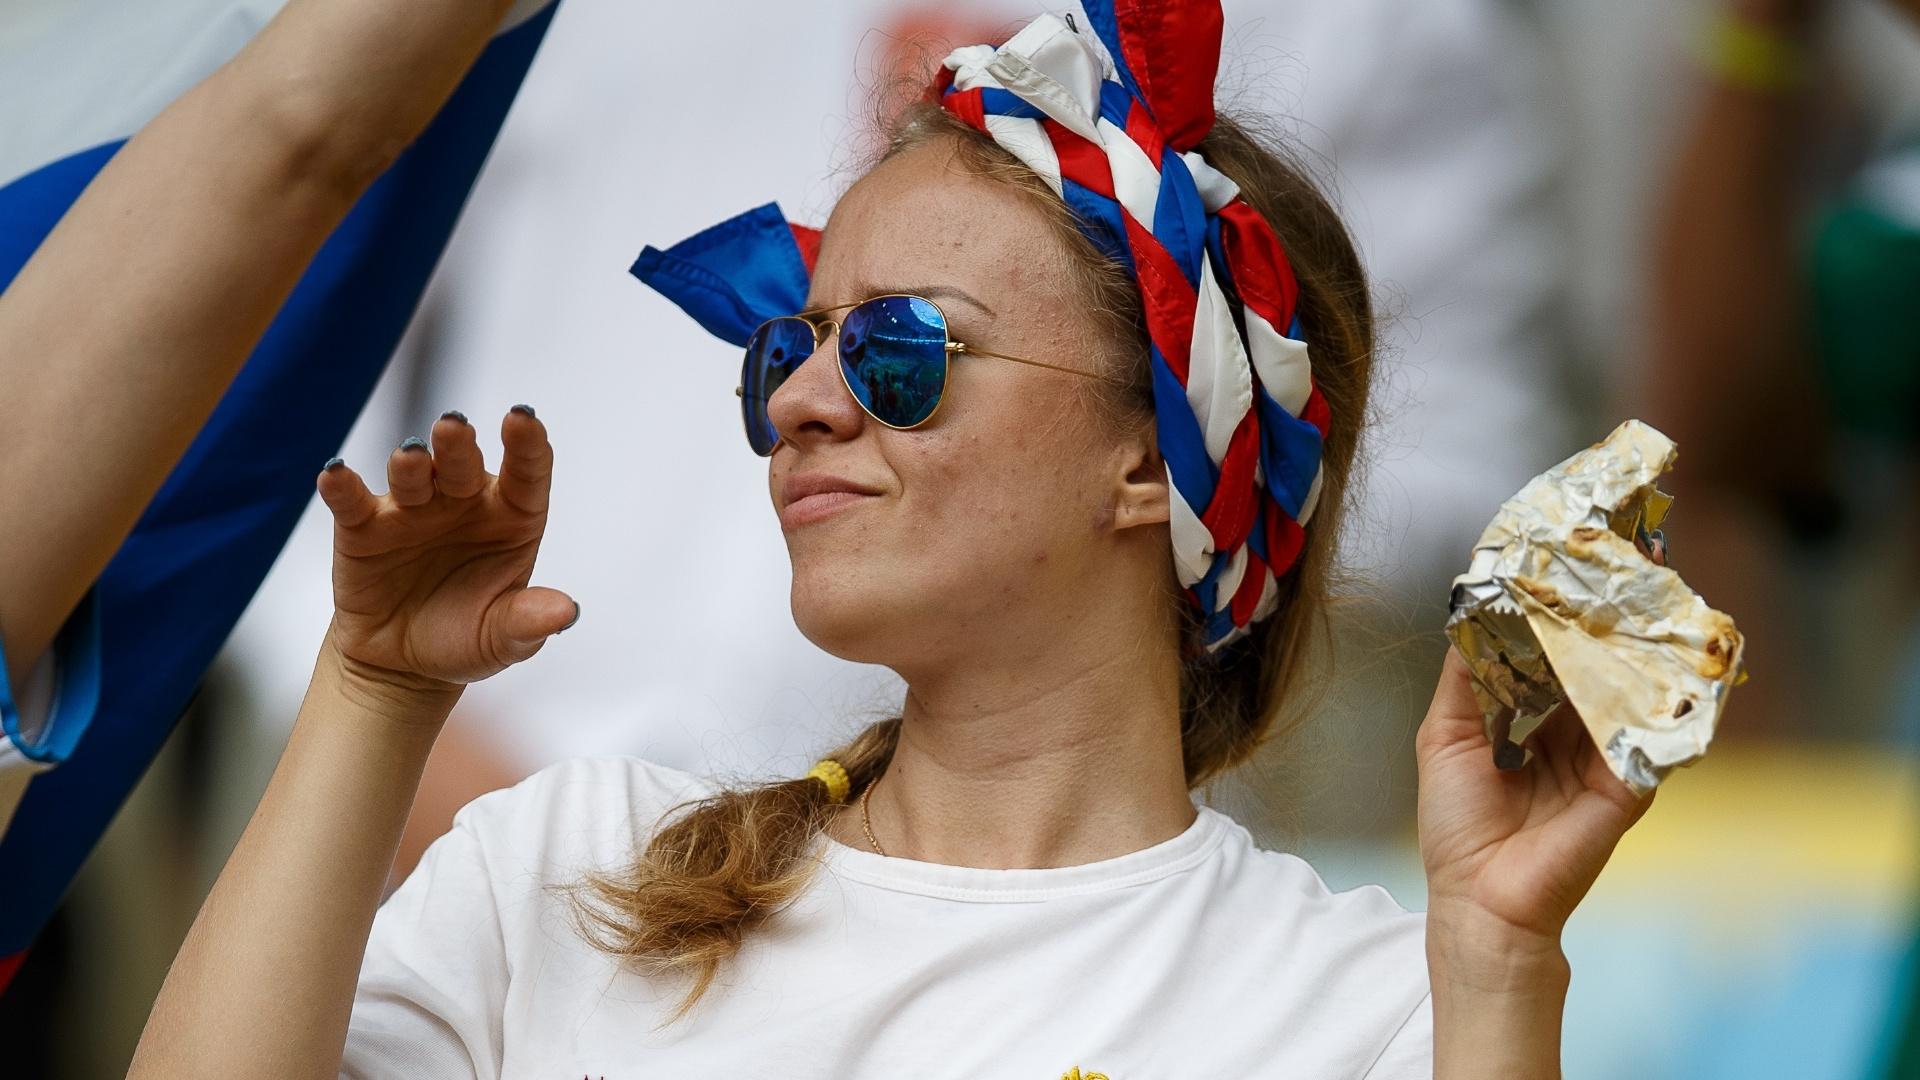 Torcedoras russas transformam o Maracanã em um verdadeiro desfile de beleza